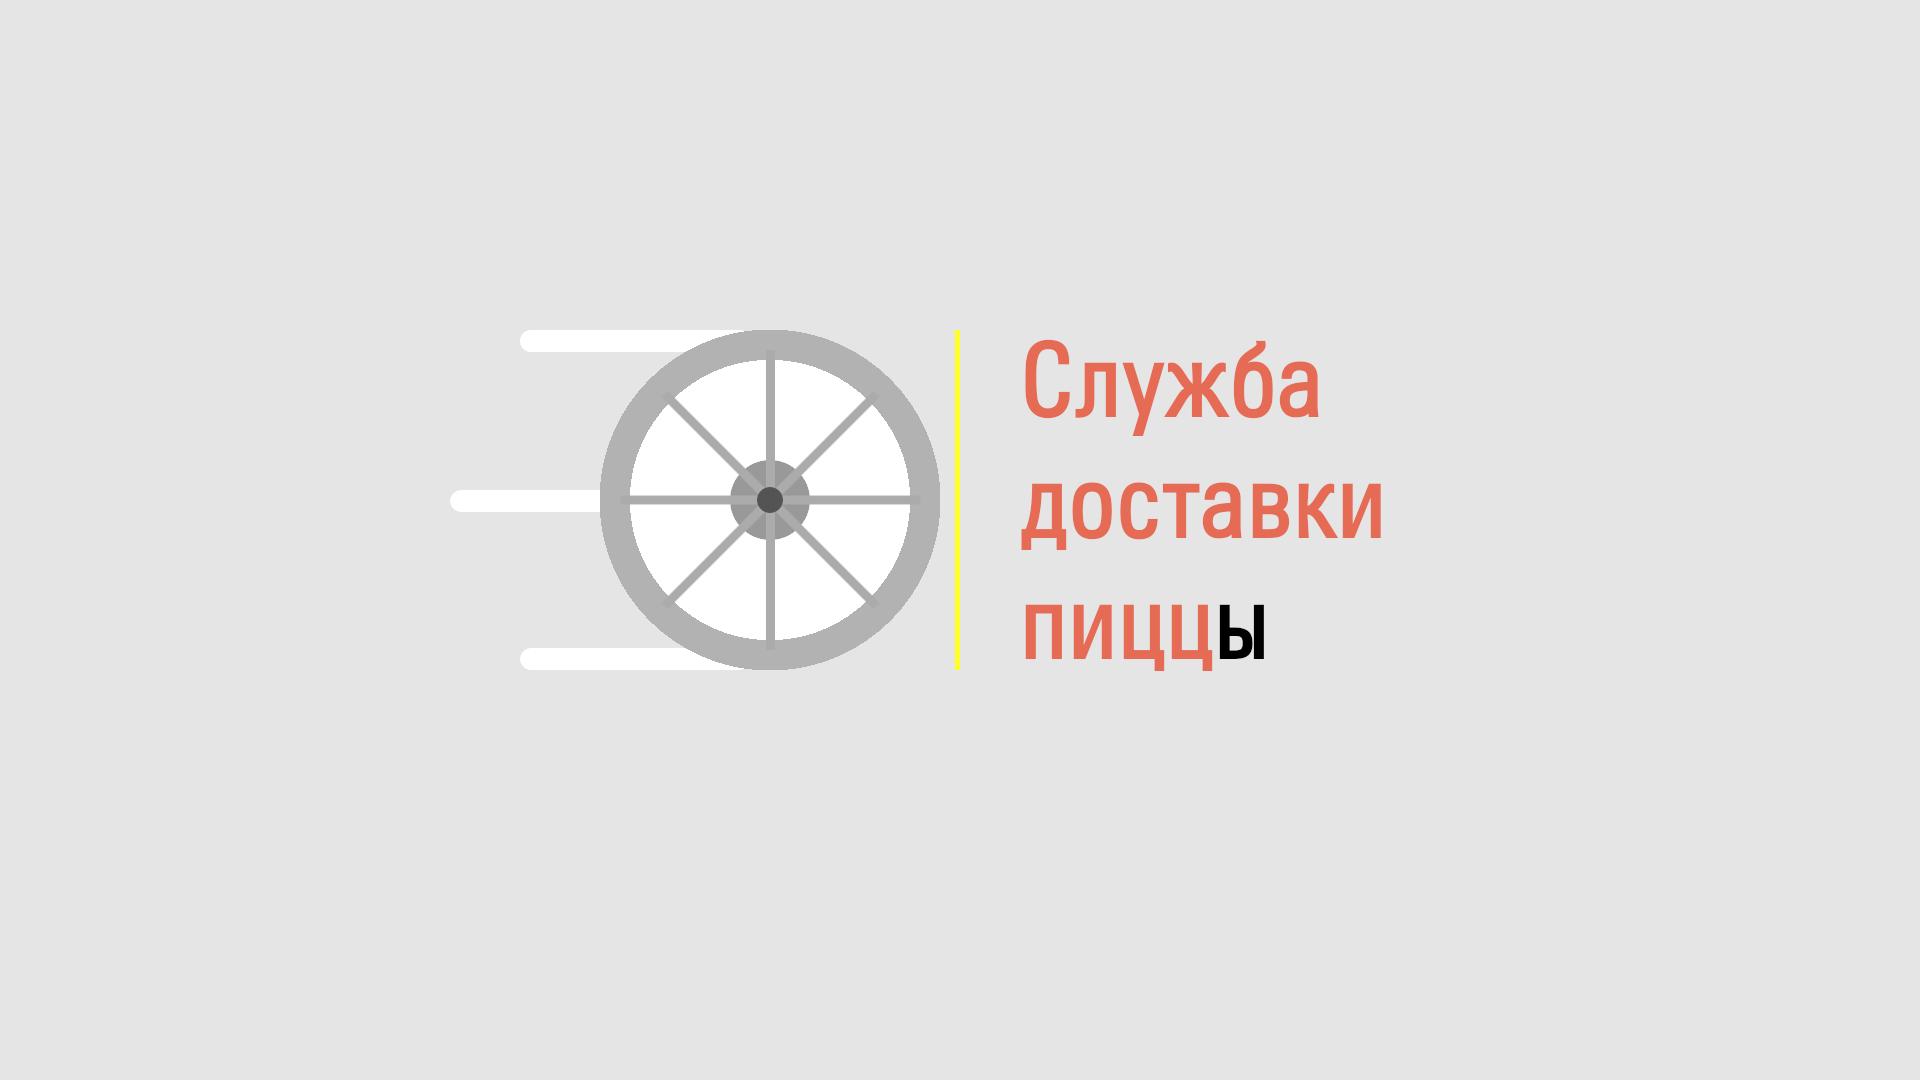 Разыскивается дизайнер для разработки лого службы доставки фото f_8165c38430c1ea0a.jpg